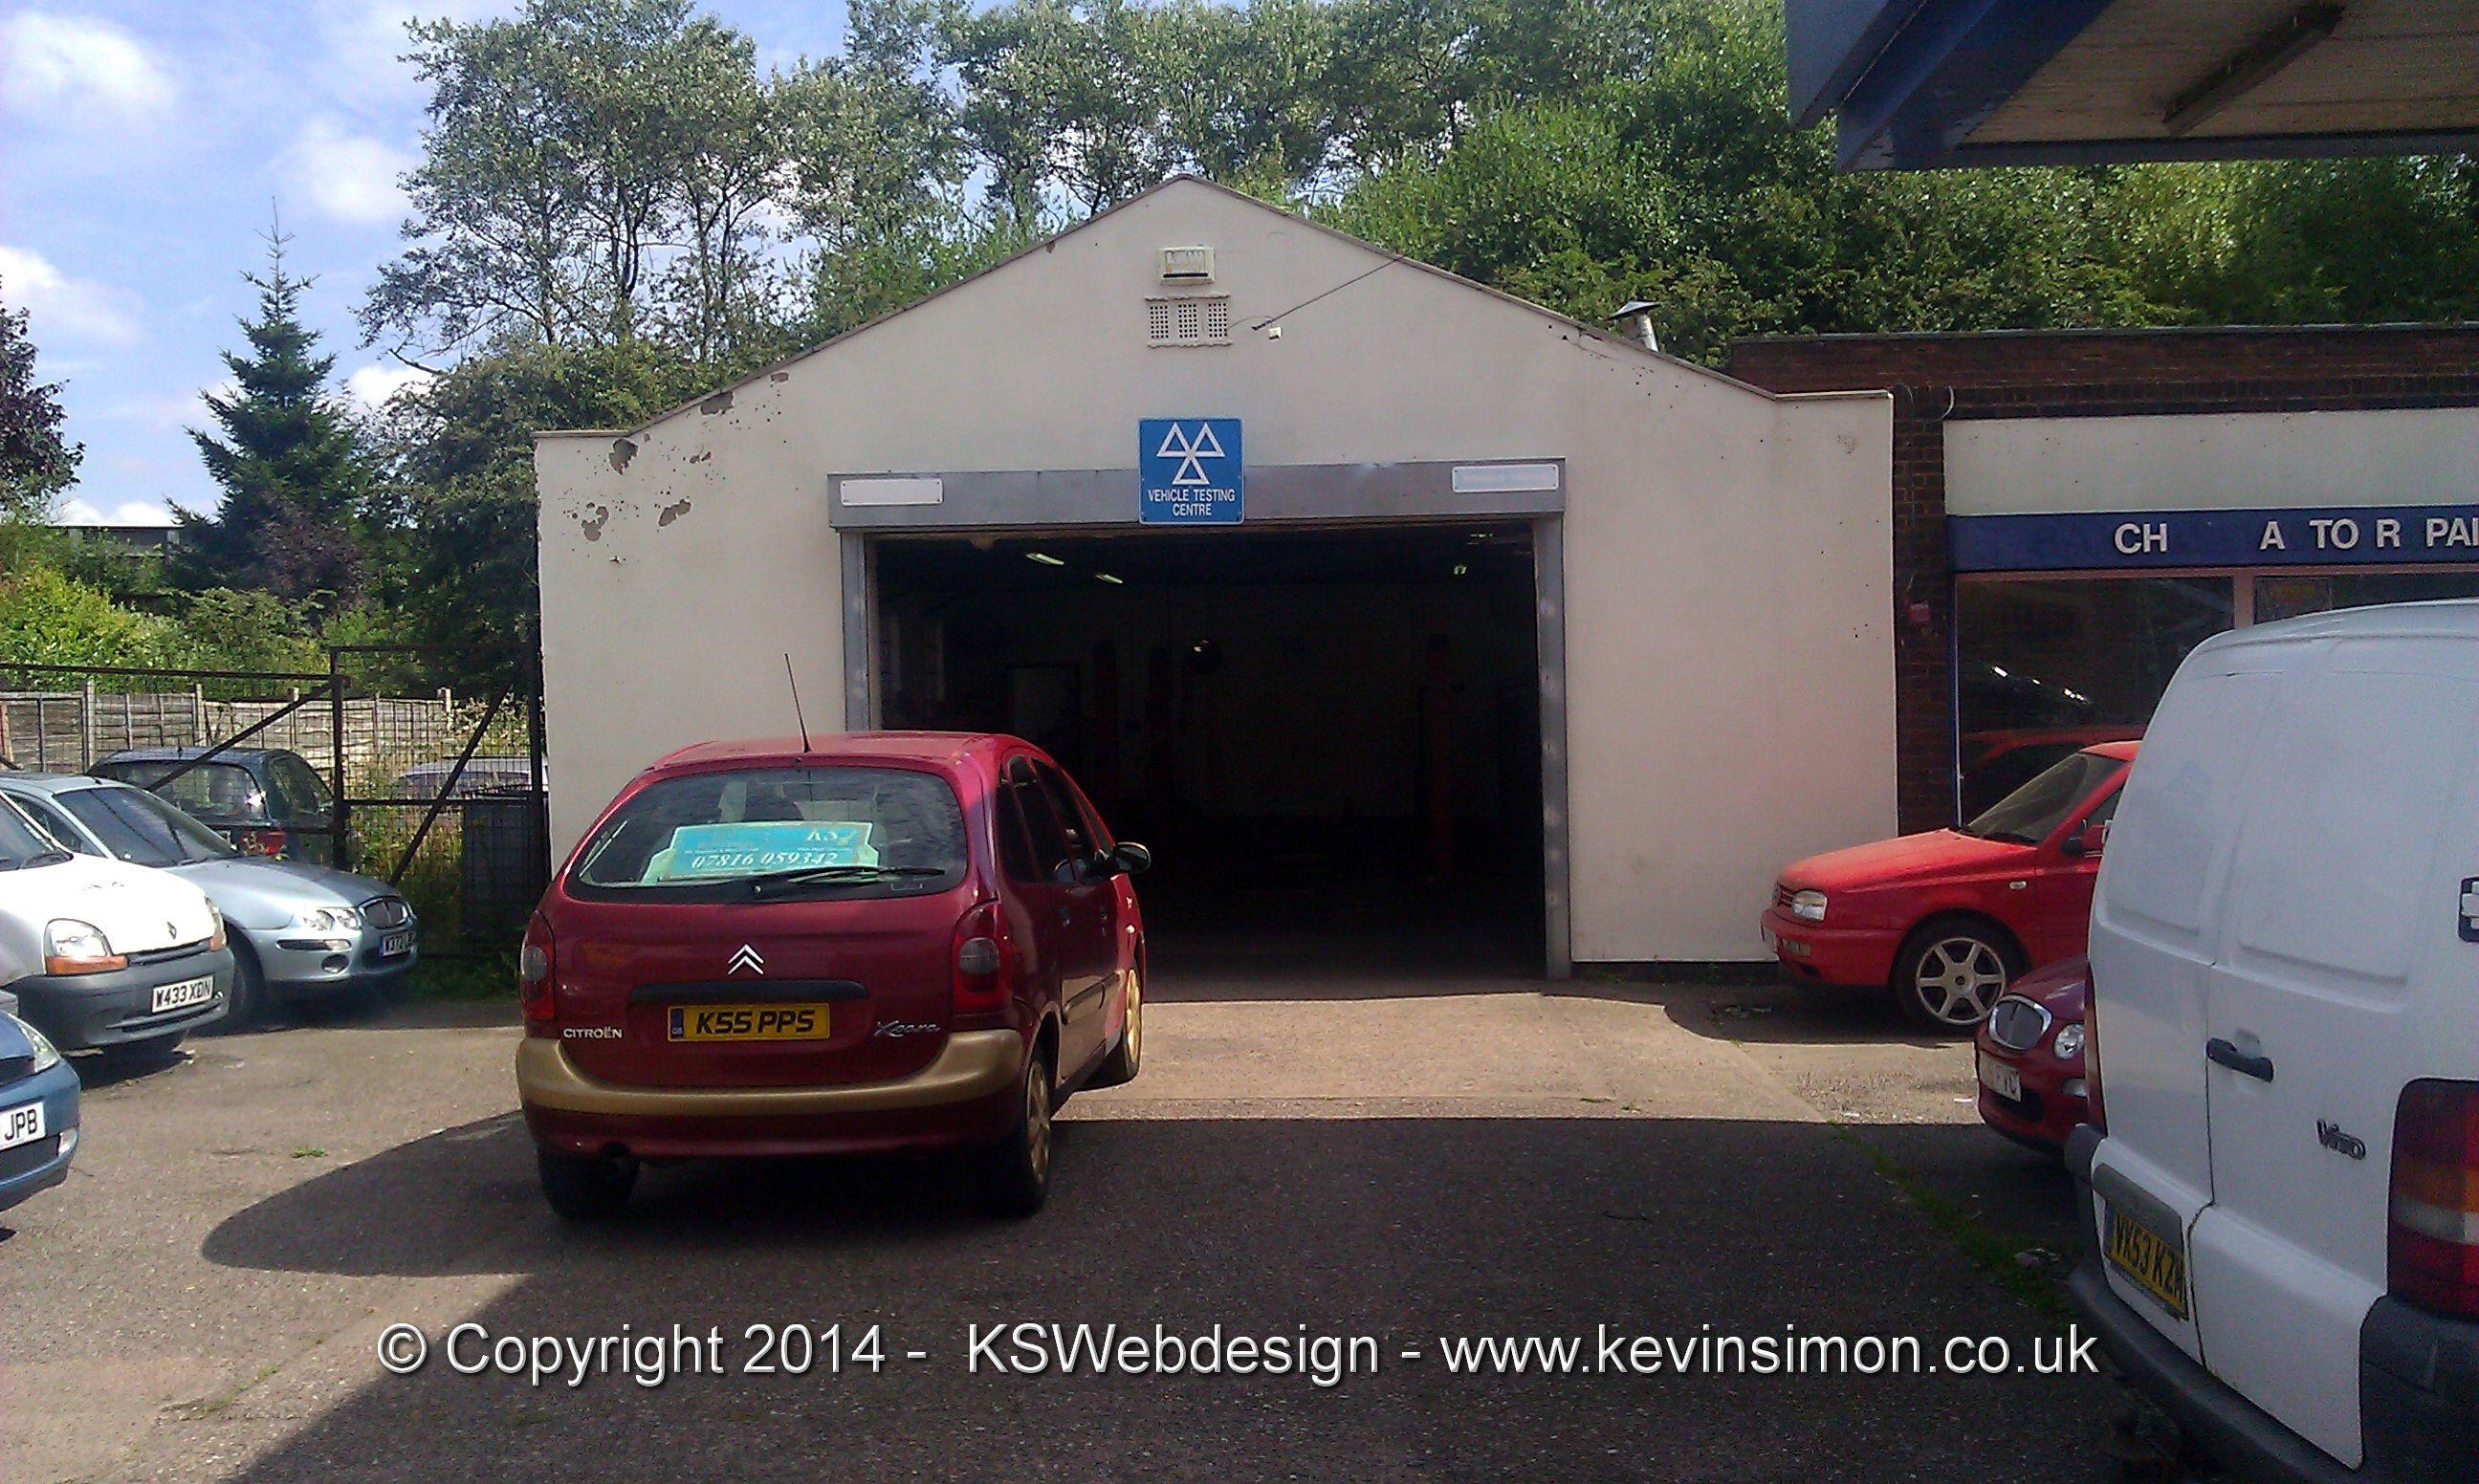 Chase Auto Repairs – Brownhills